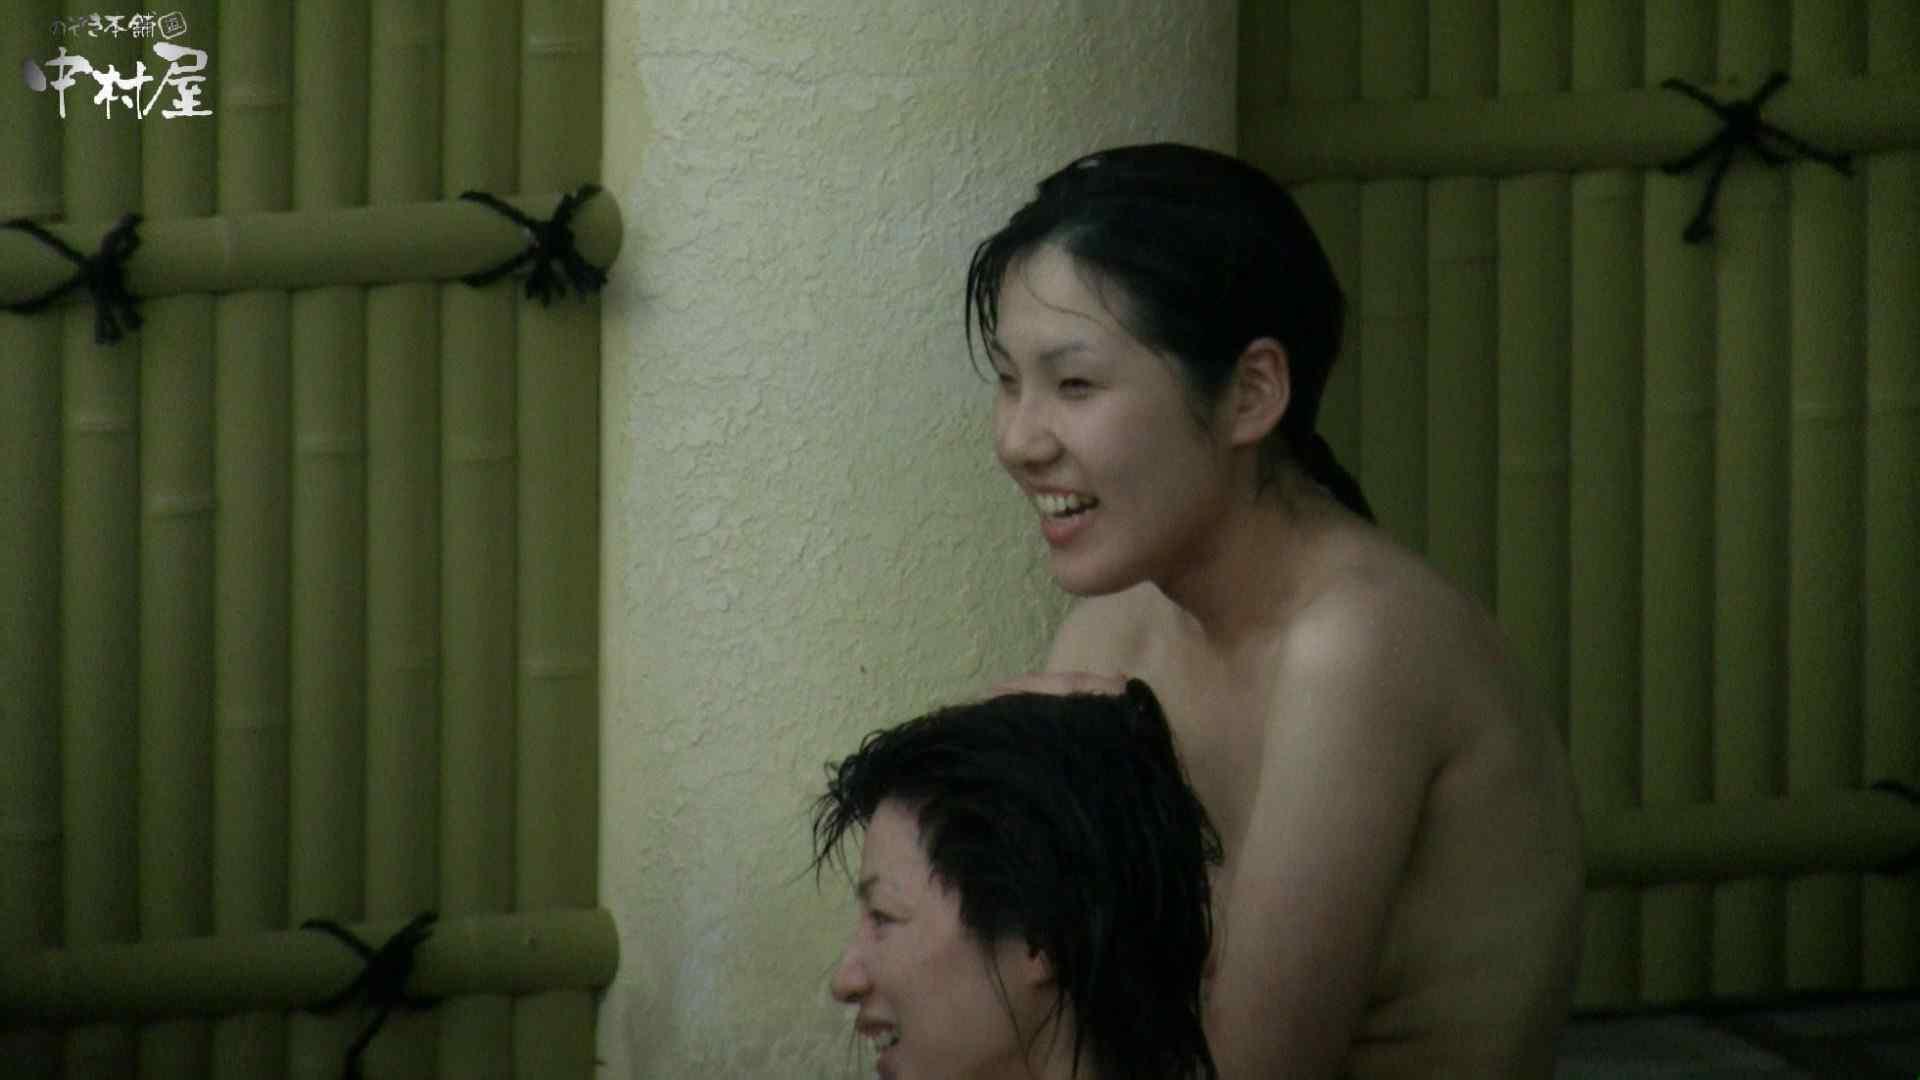 Aquaな露天風呂Vol.983 0   0  78pic 25